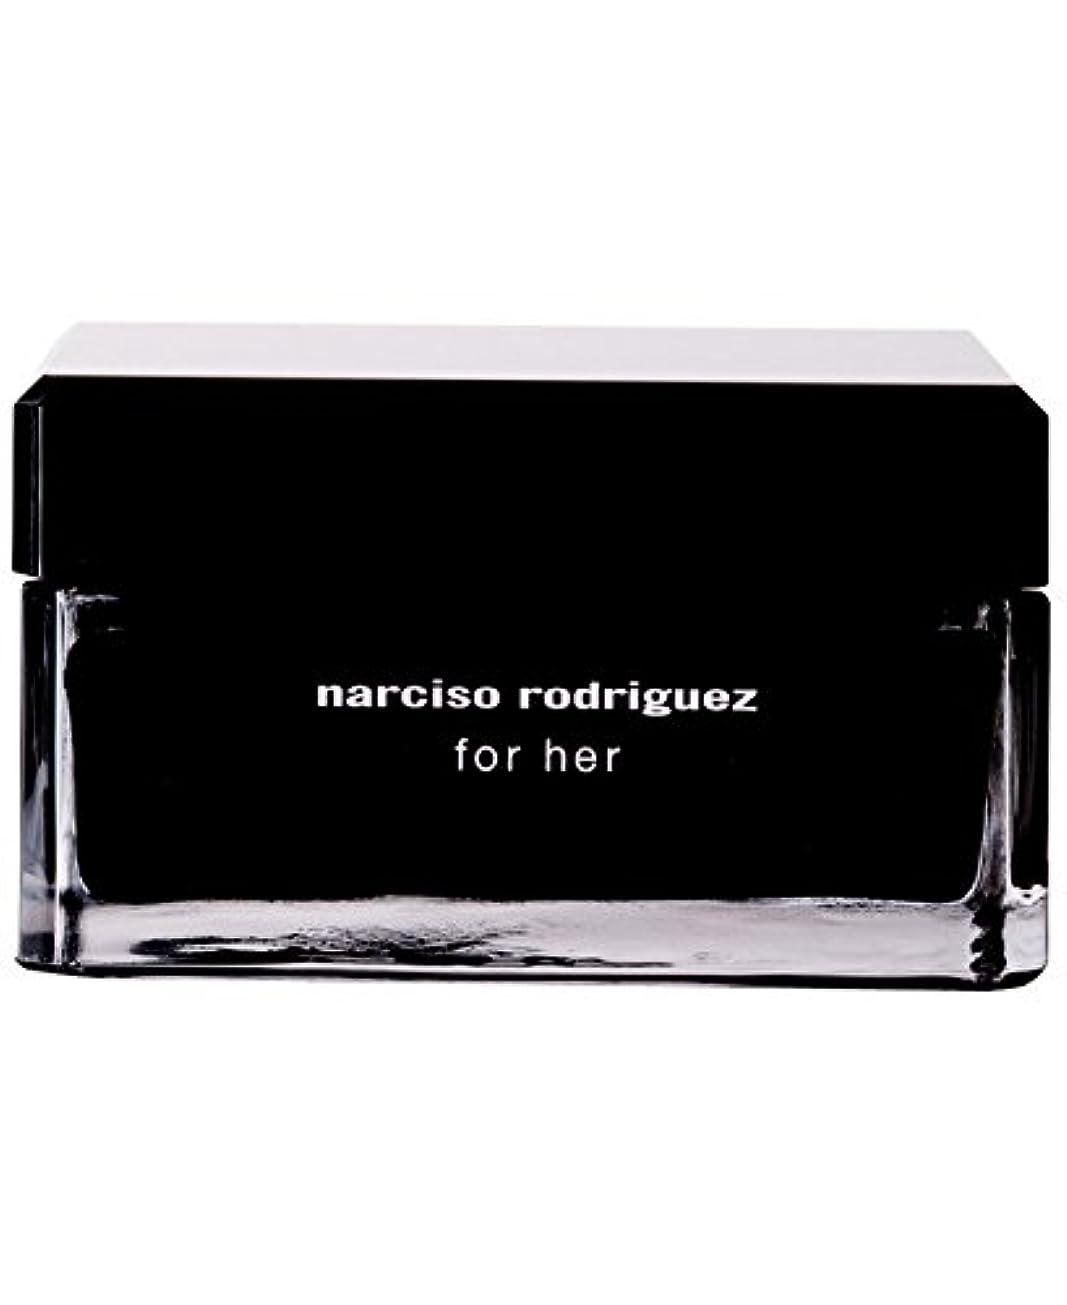 戸棚法廷商人Narciso Rodriguez (ナルシソ ロドリゲス) 5.2 oz (156ml) Body Cream ボディークリーム for Women